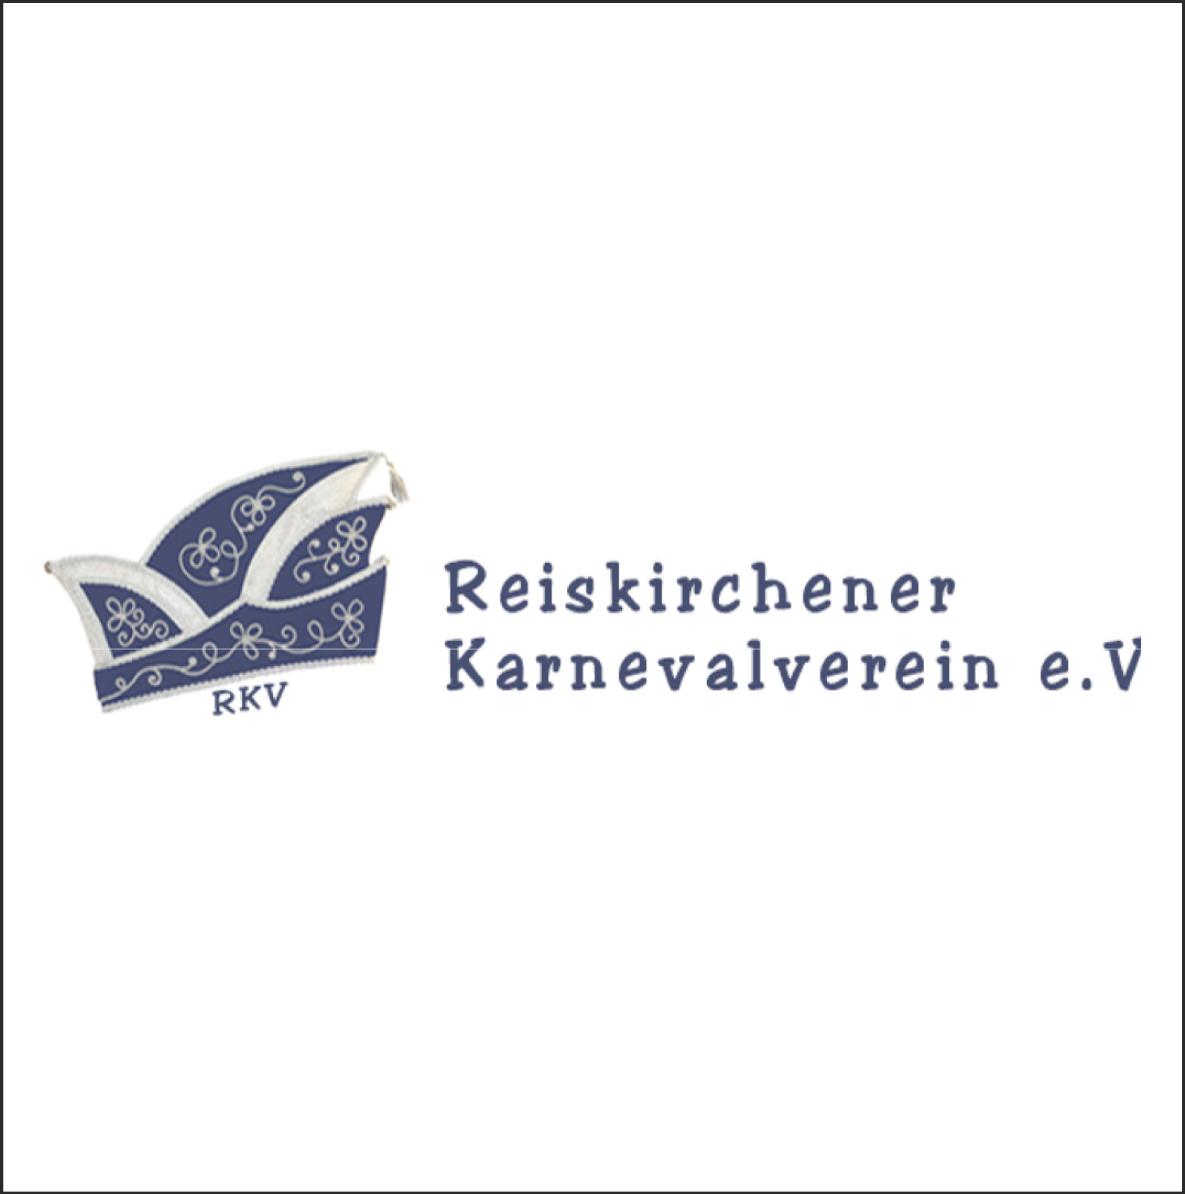 Reiskirchener-Karnevalsverein